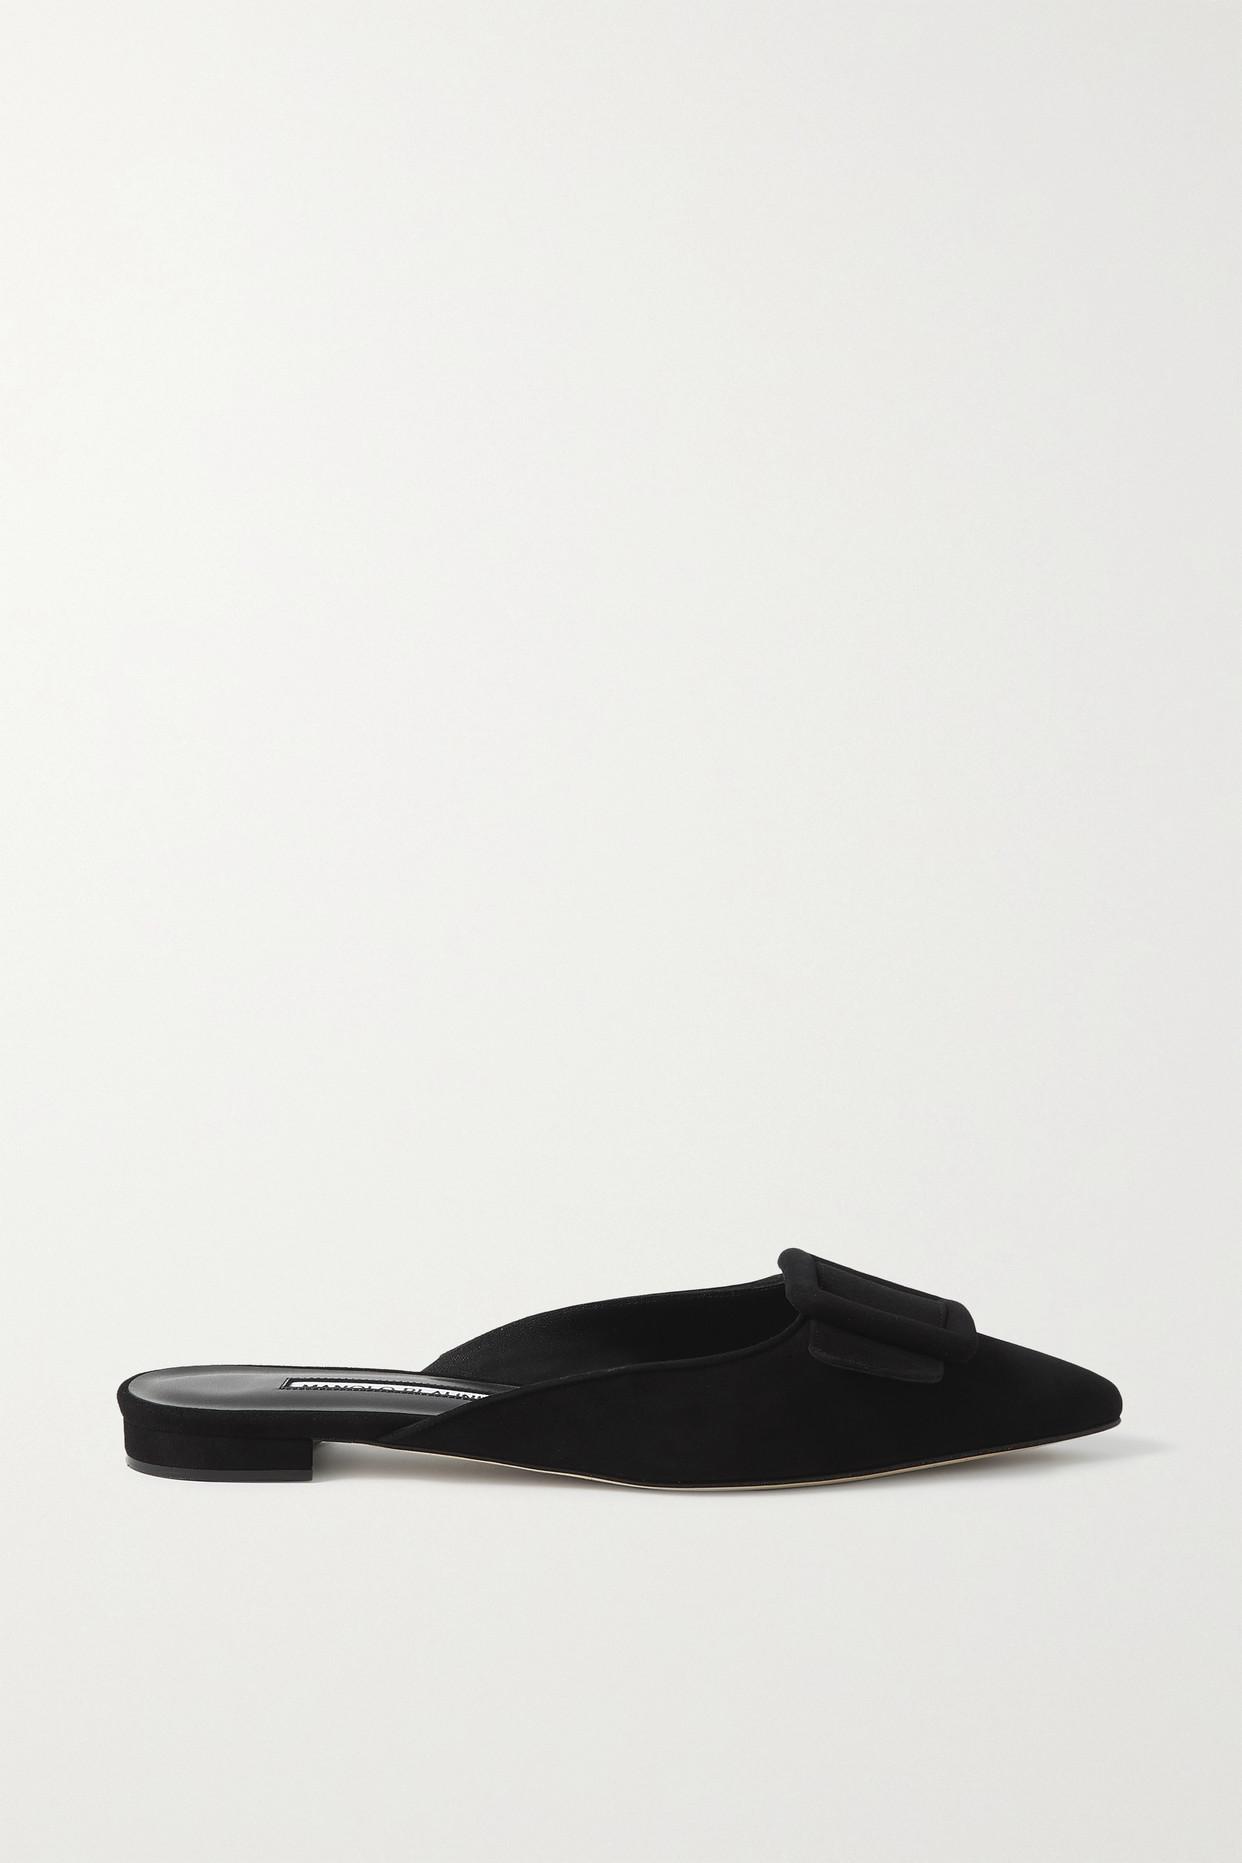 MANOLO BLAHNIK - Maysale 搭扣绒面革尖头平底鞋 - 黑色 - IT38